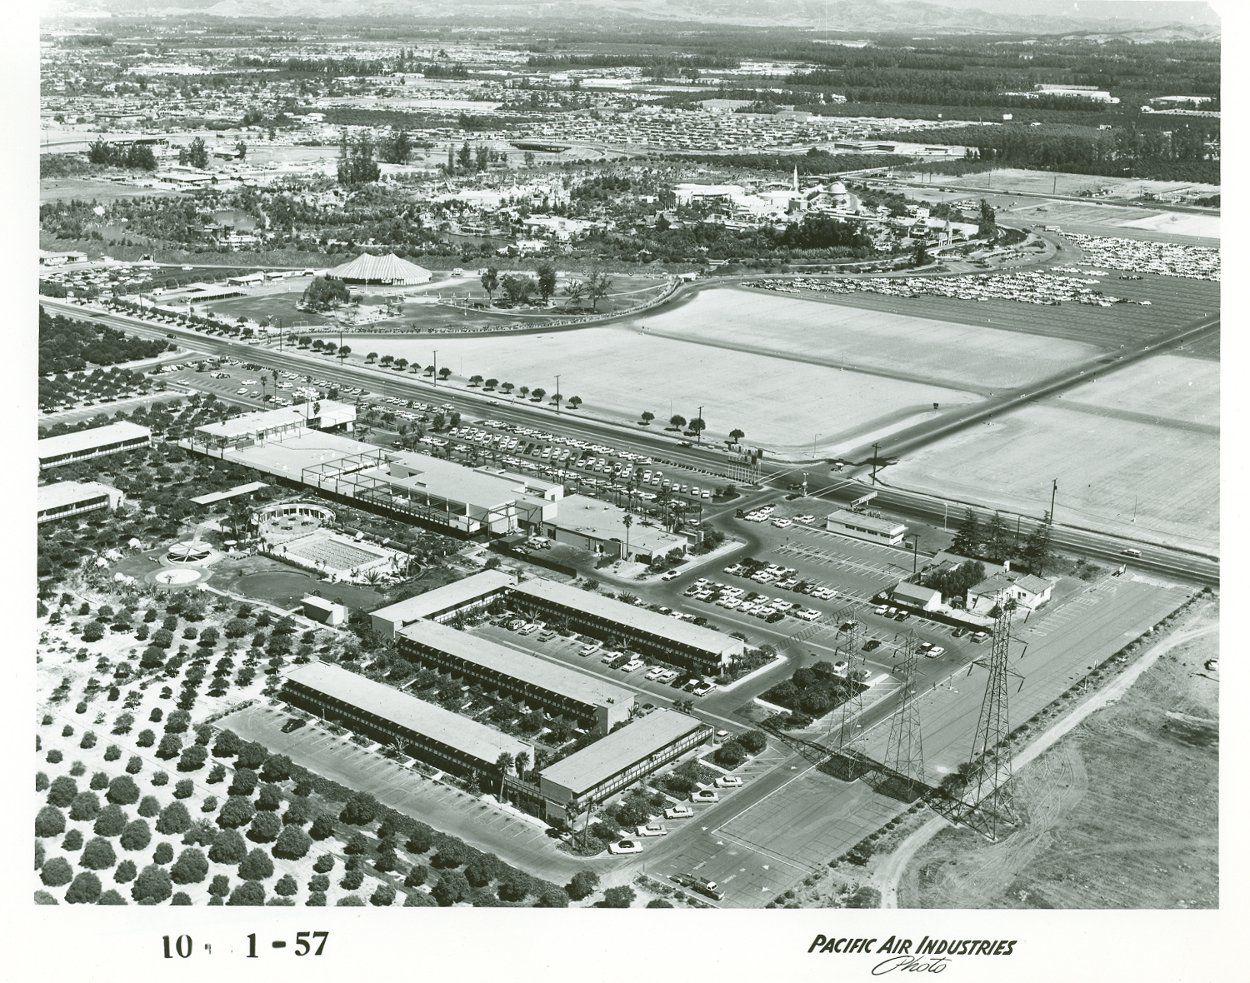 Disneyland Aerial View